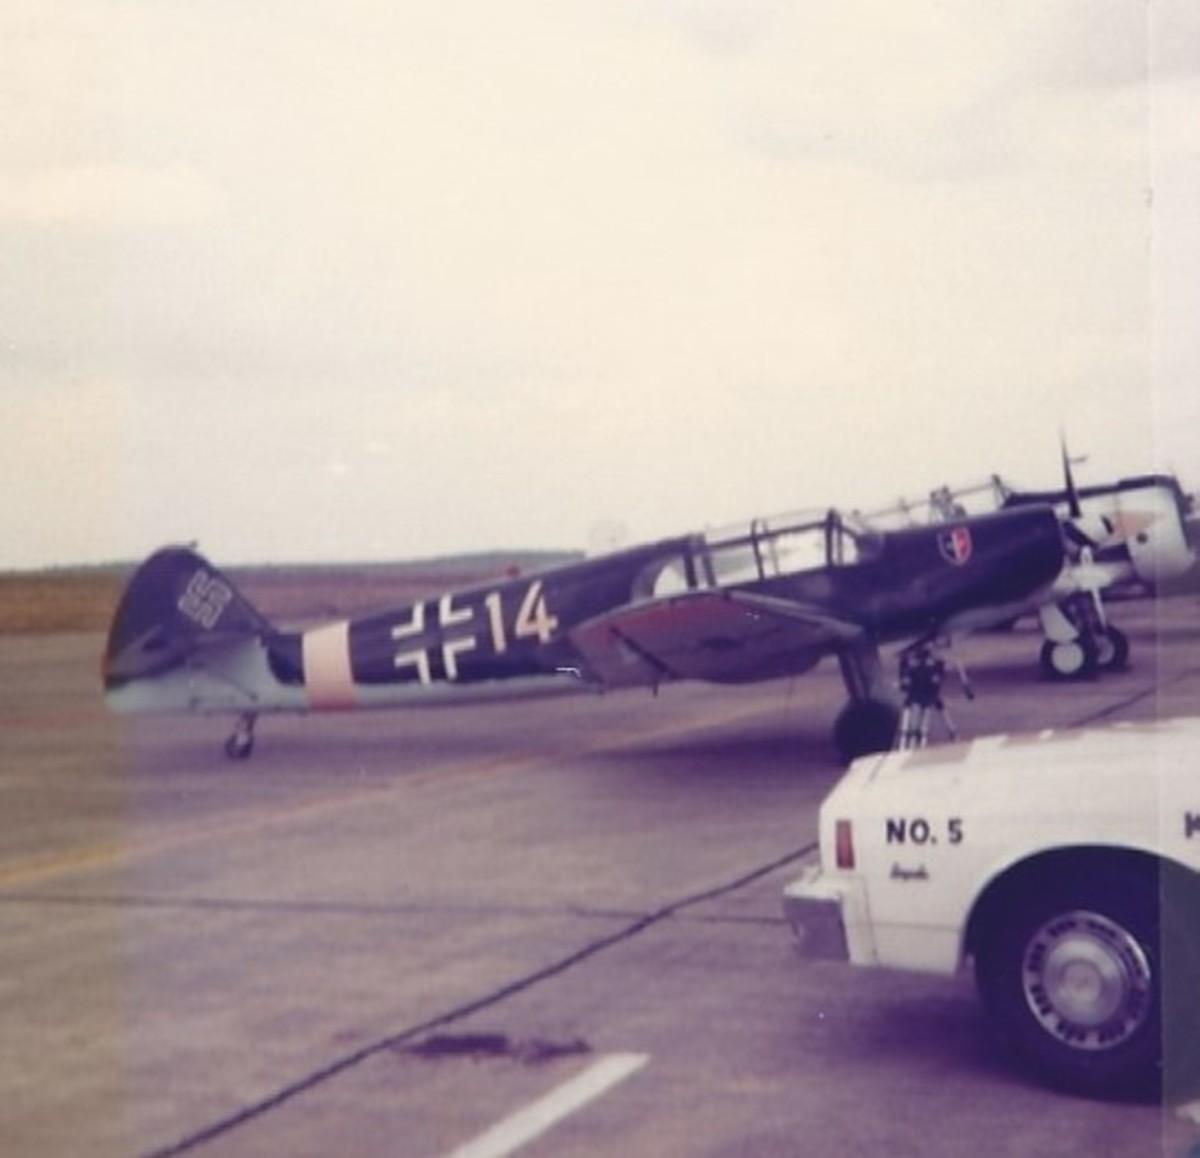 The Bf 108 Taifun